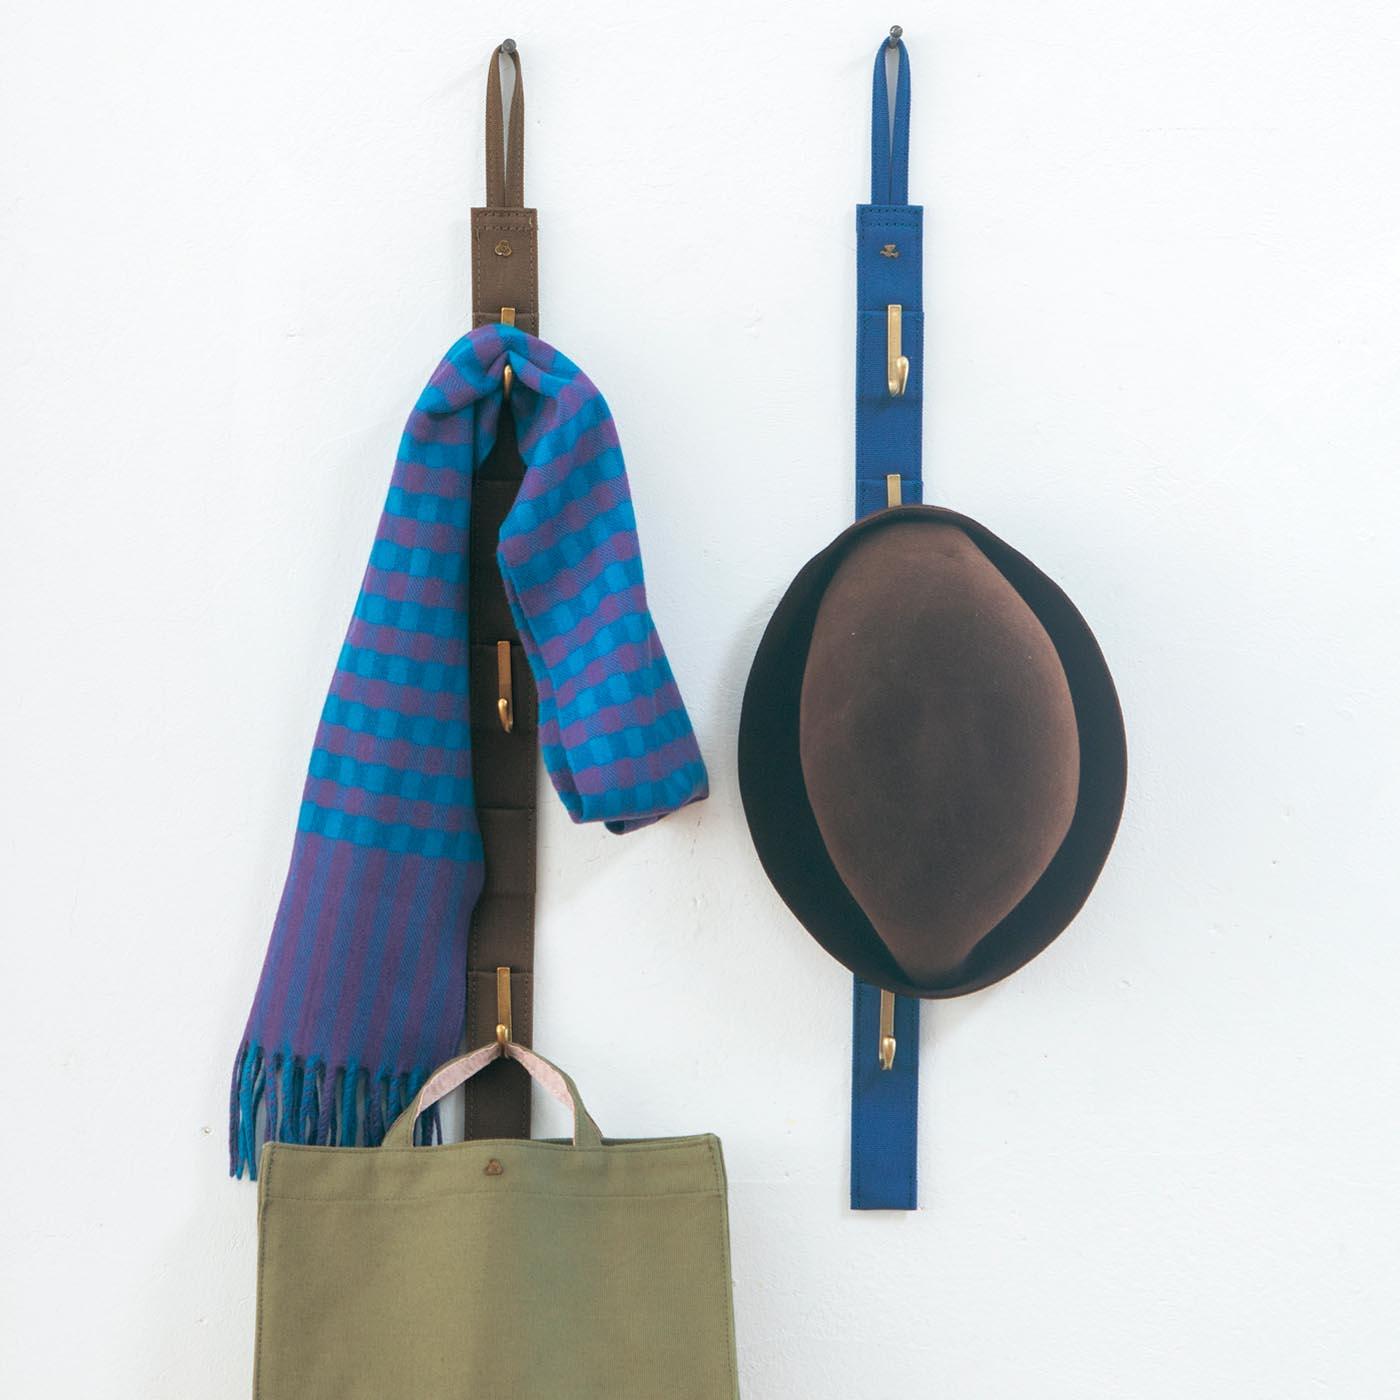 壁のフックに取り付けてスペースを有効活用。お出かけの必需品や、来客時のちょい掛けに。